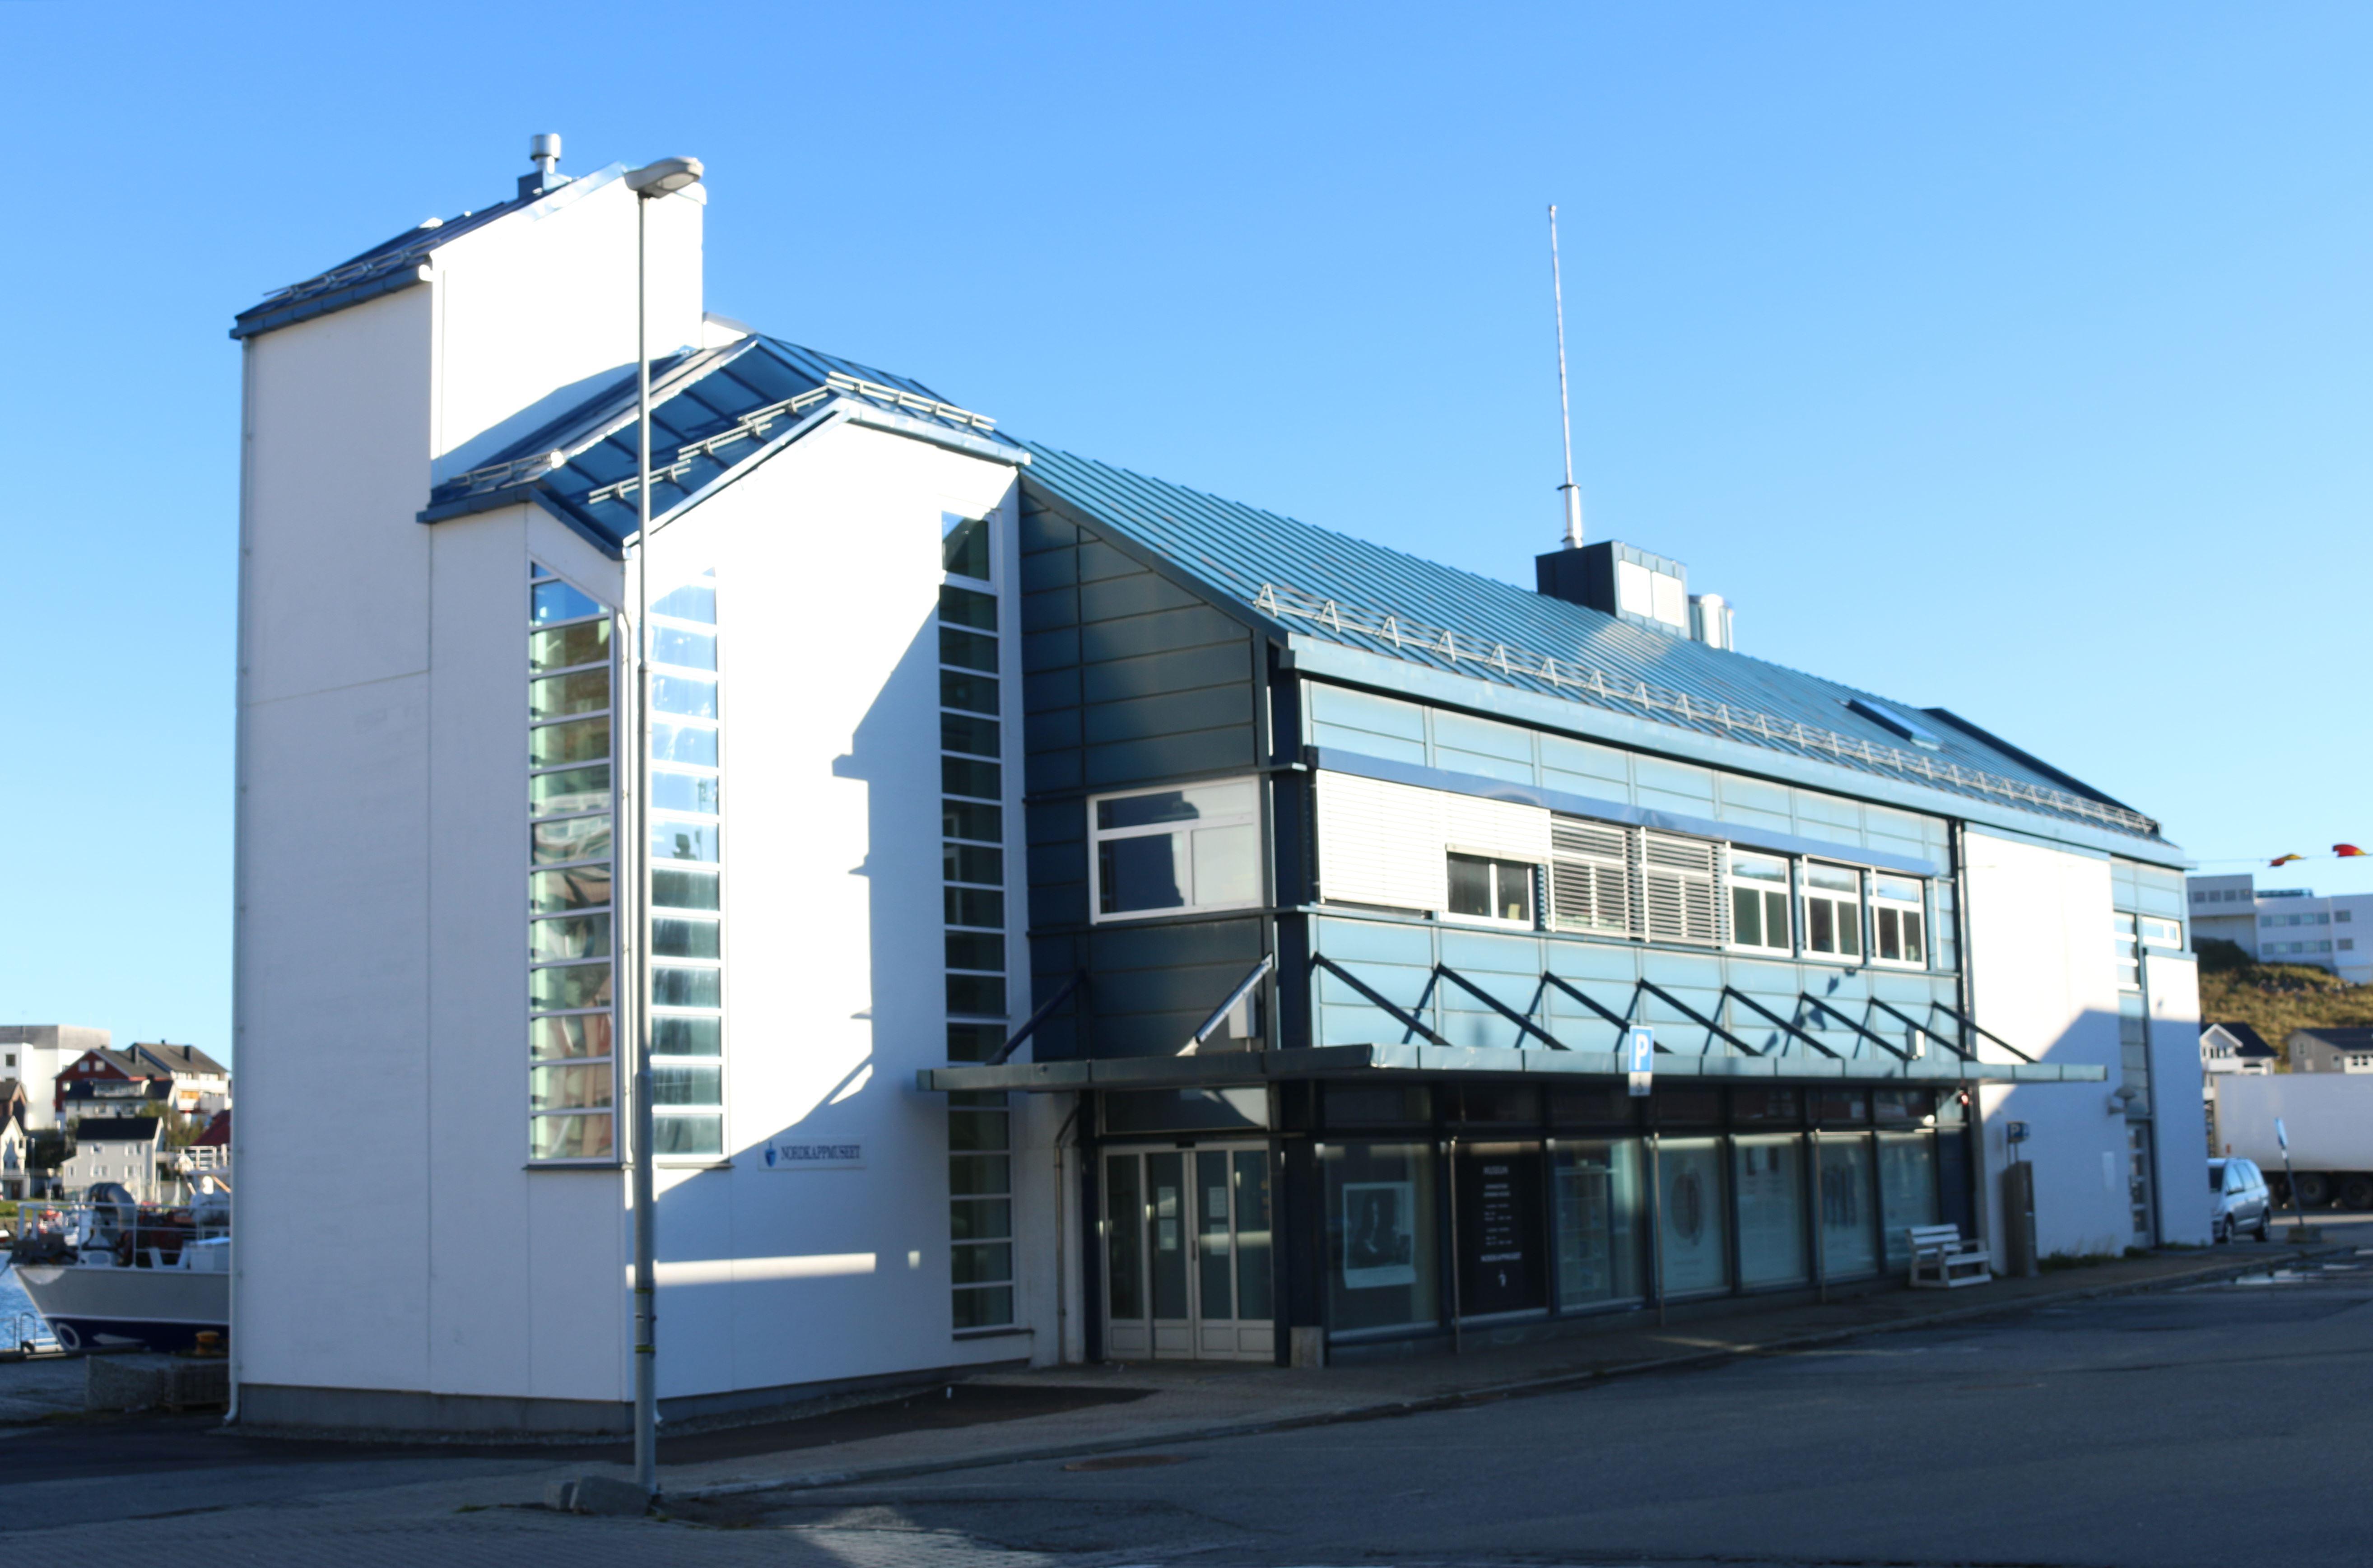 Nordkappmuseet – Maritime Museum